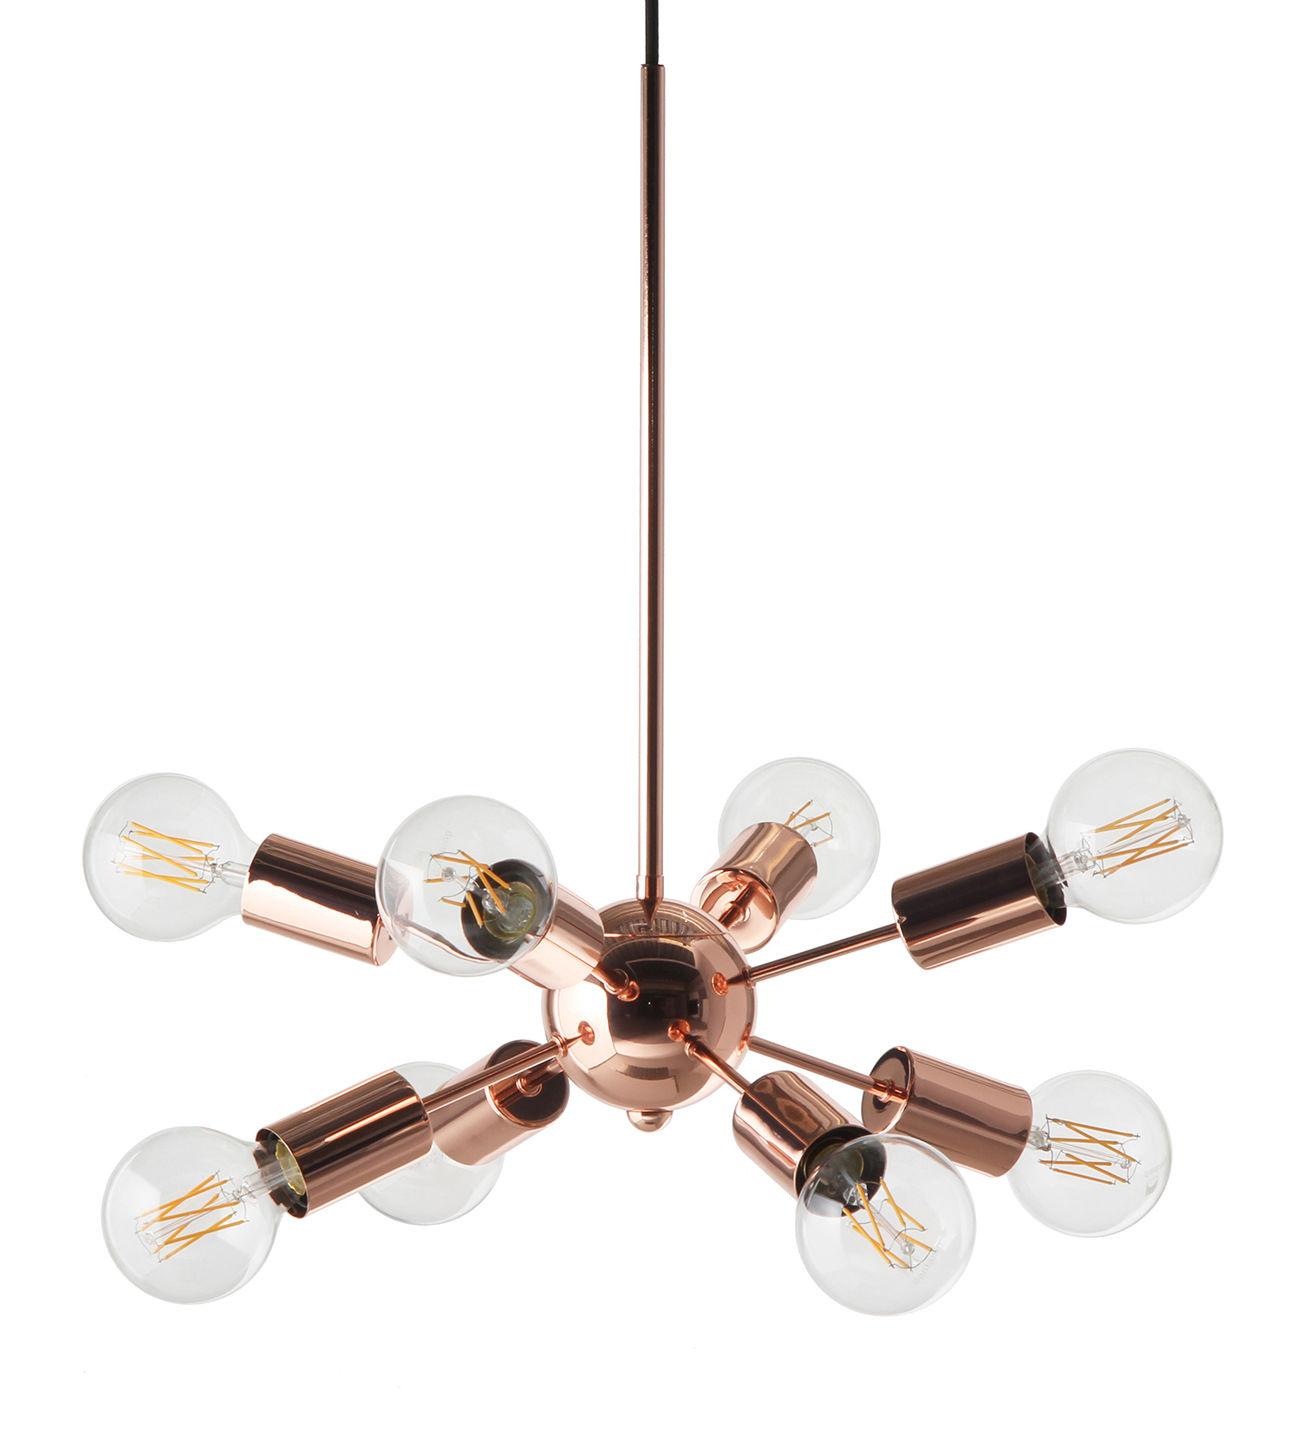 Illuminazione - Lampadari - Sospensione Mega Junction - / 8 bracci - Ø 38 cm di Frandsen - Rame - metallo verniciato